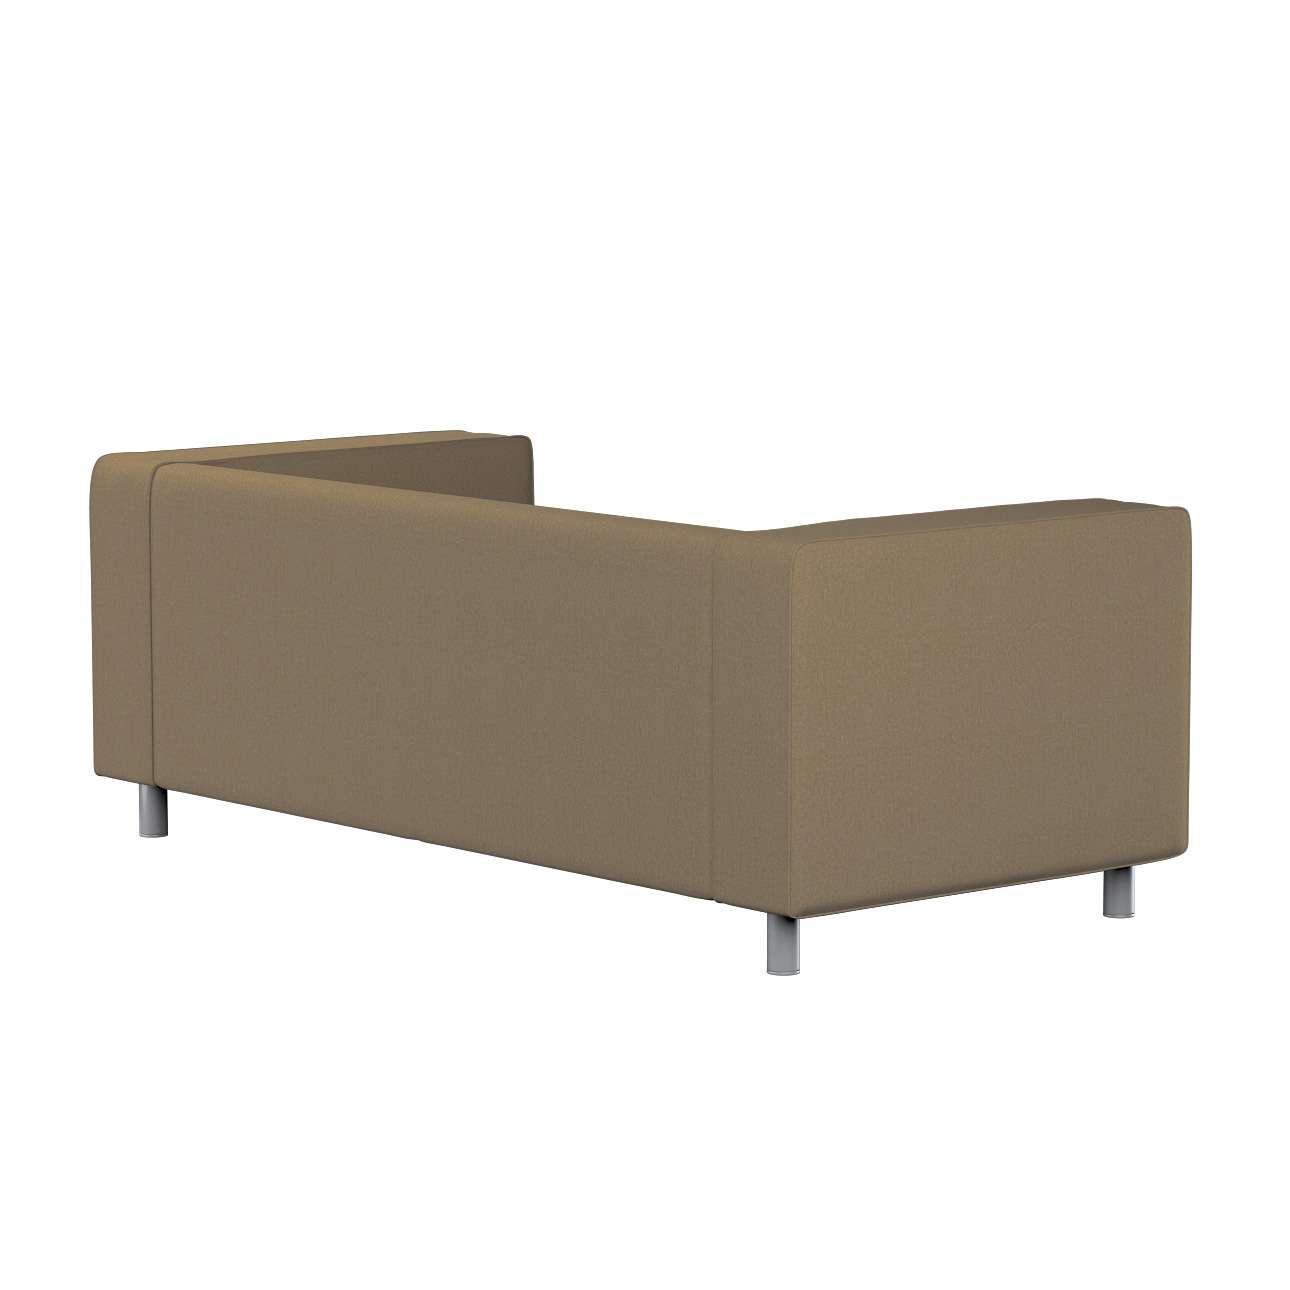 Pokrowiec na sofę Klippan 2-osobową w kolekcji Chenille, tkanina: 702-21